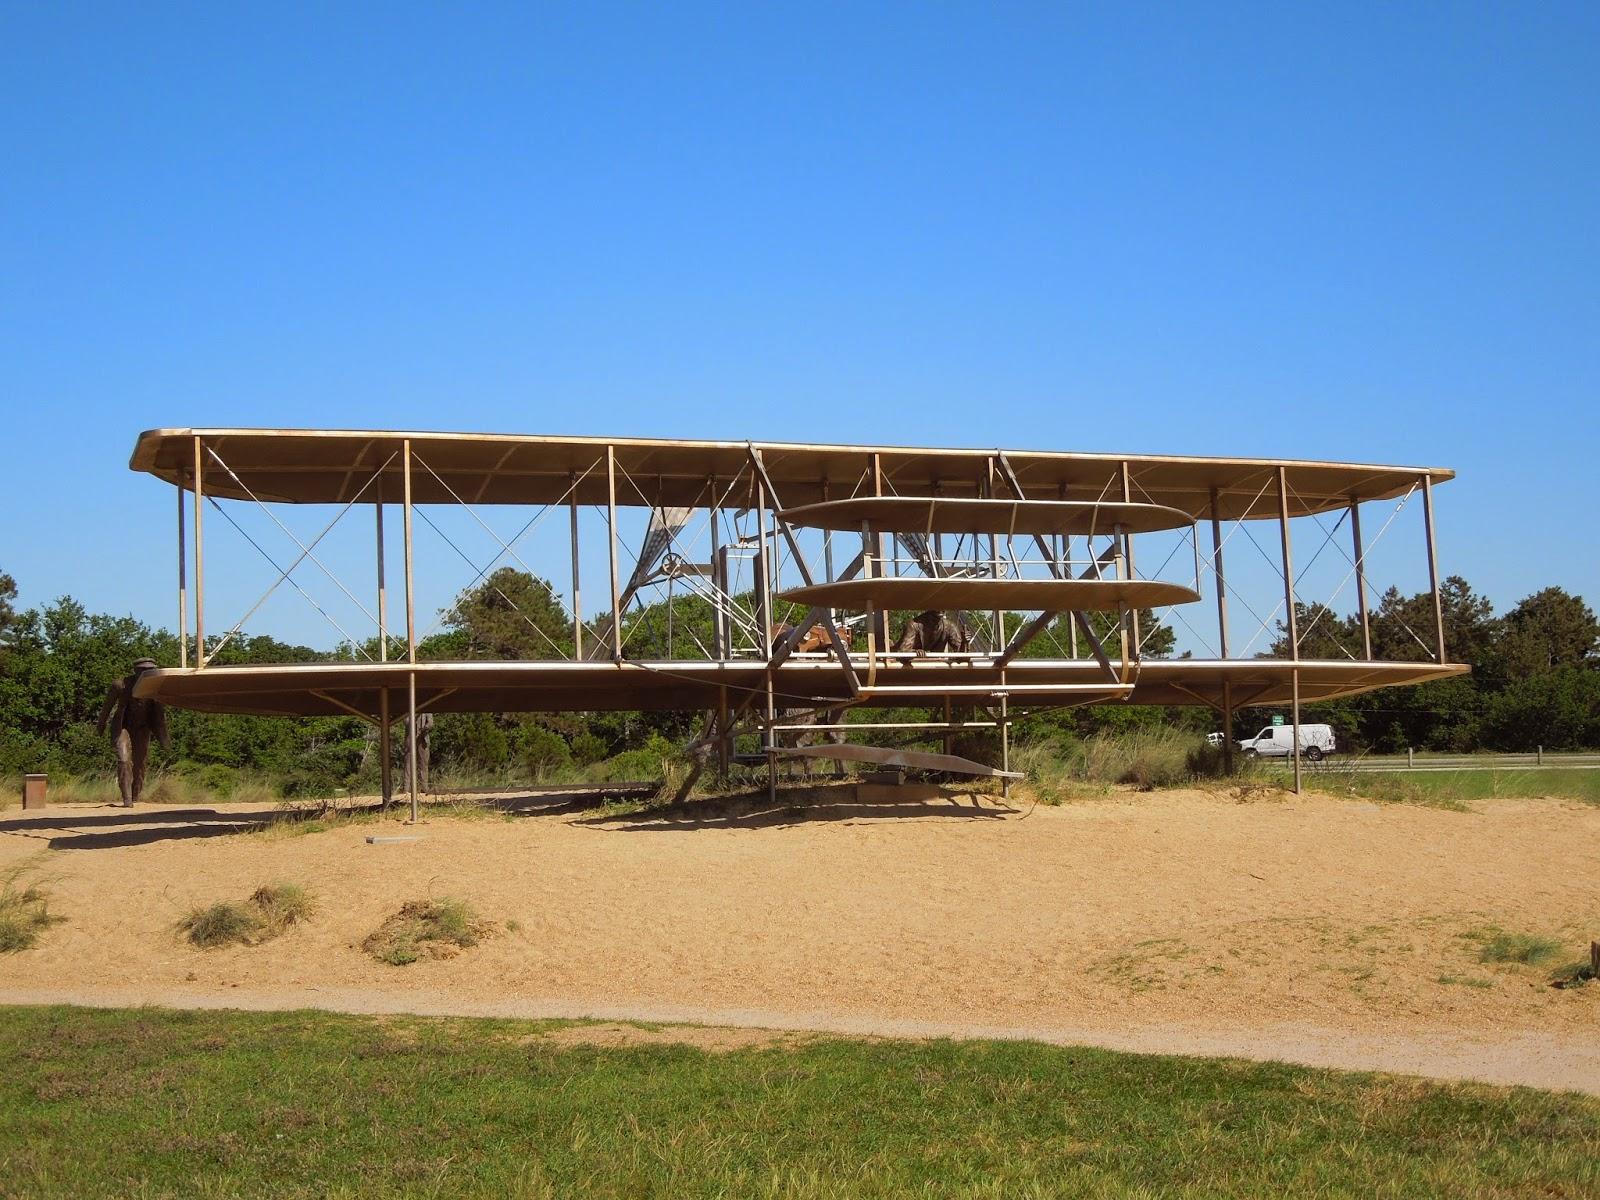 glider replica